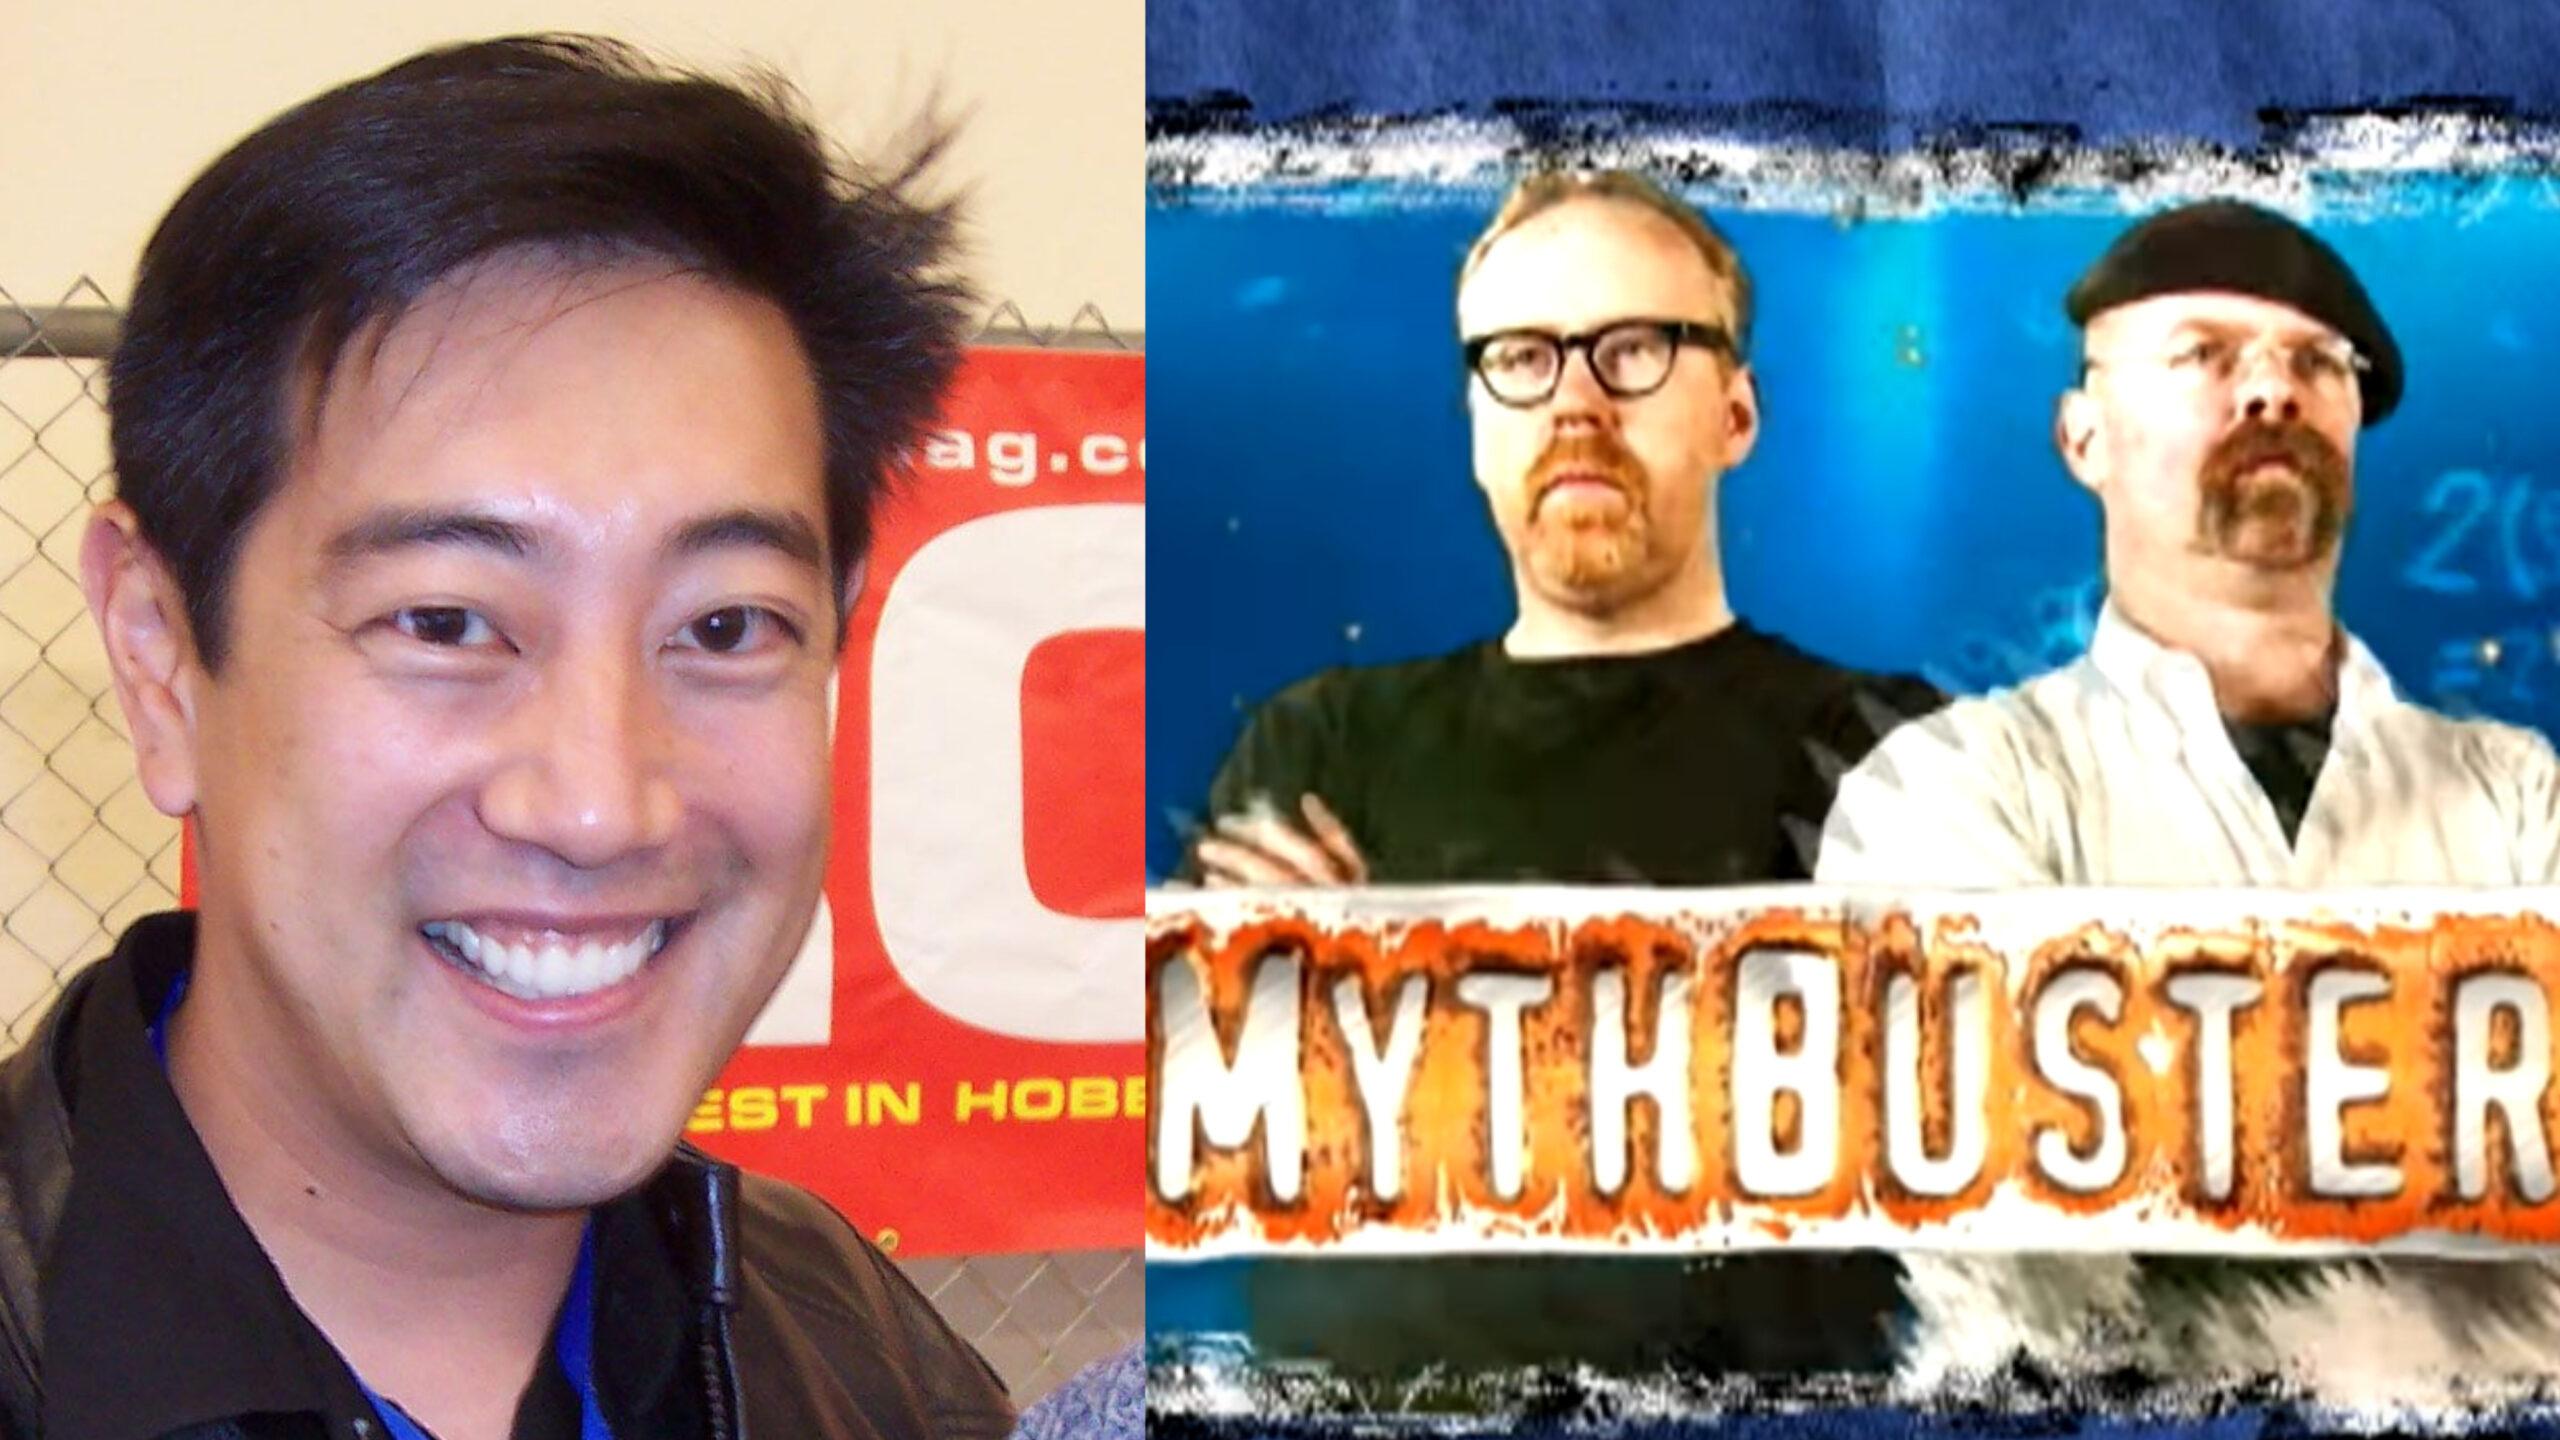 Morto Grant Imahara, il conduttore di Mythbusters aveva 49 anni